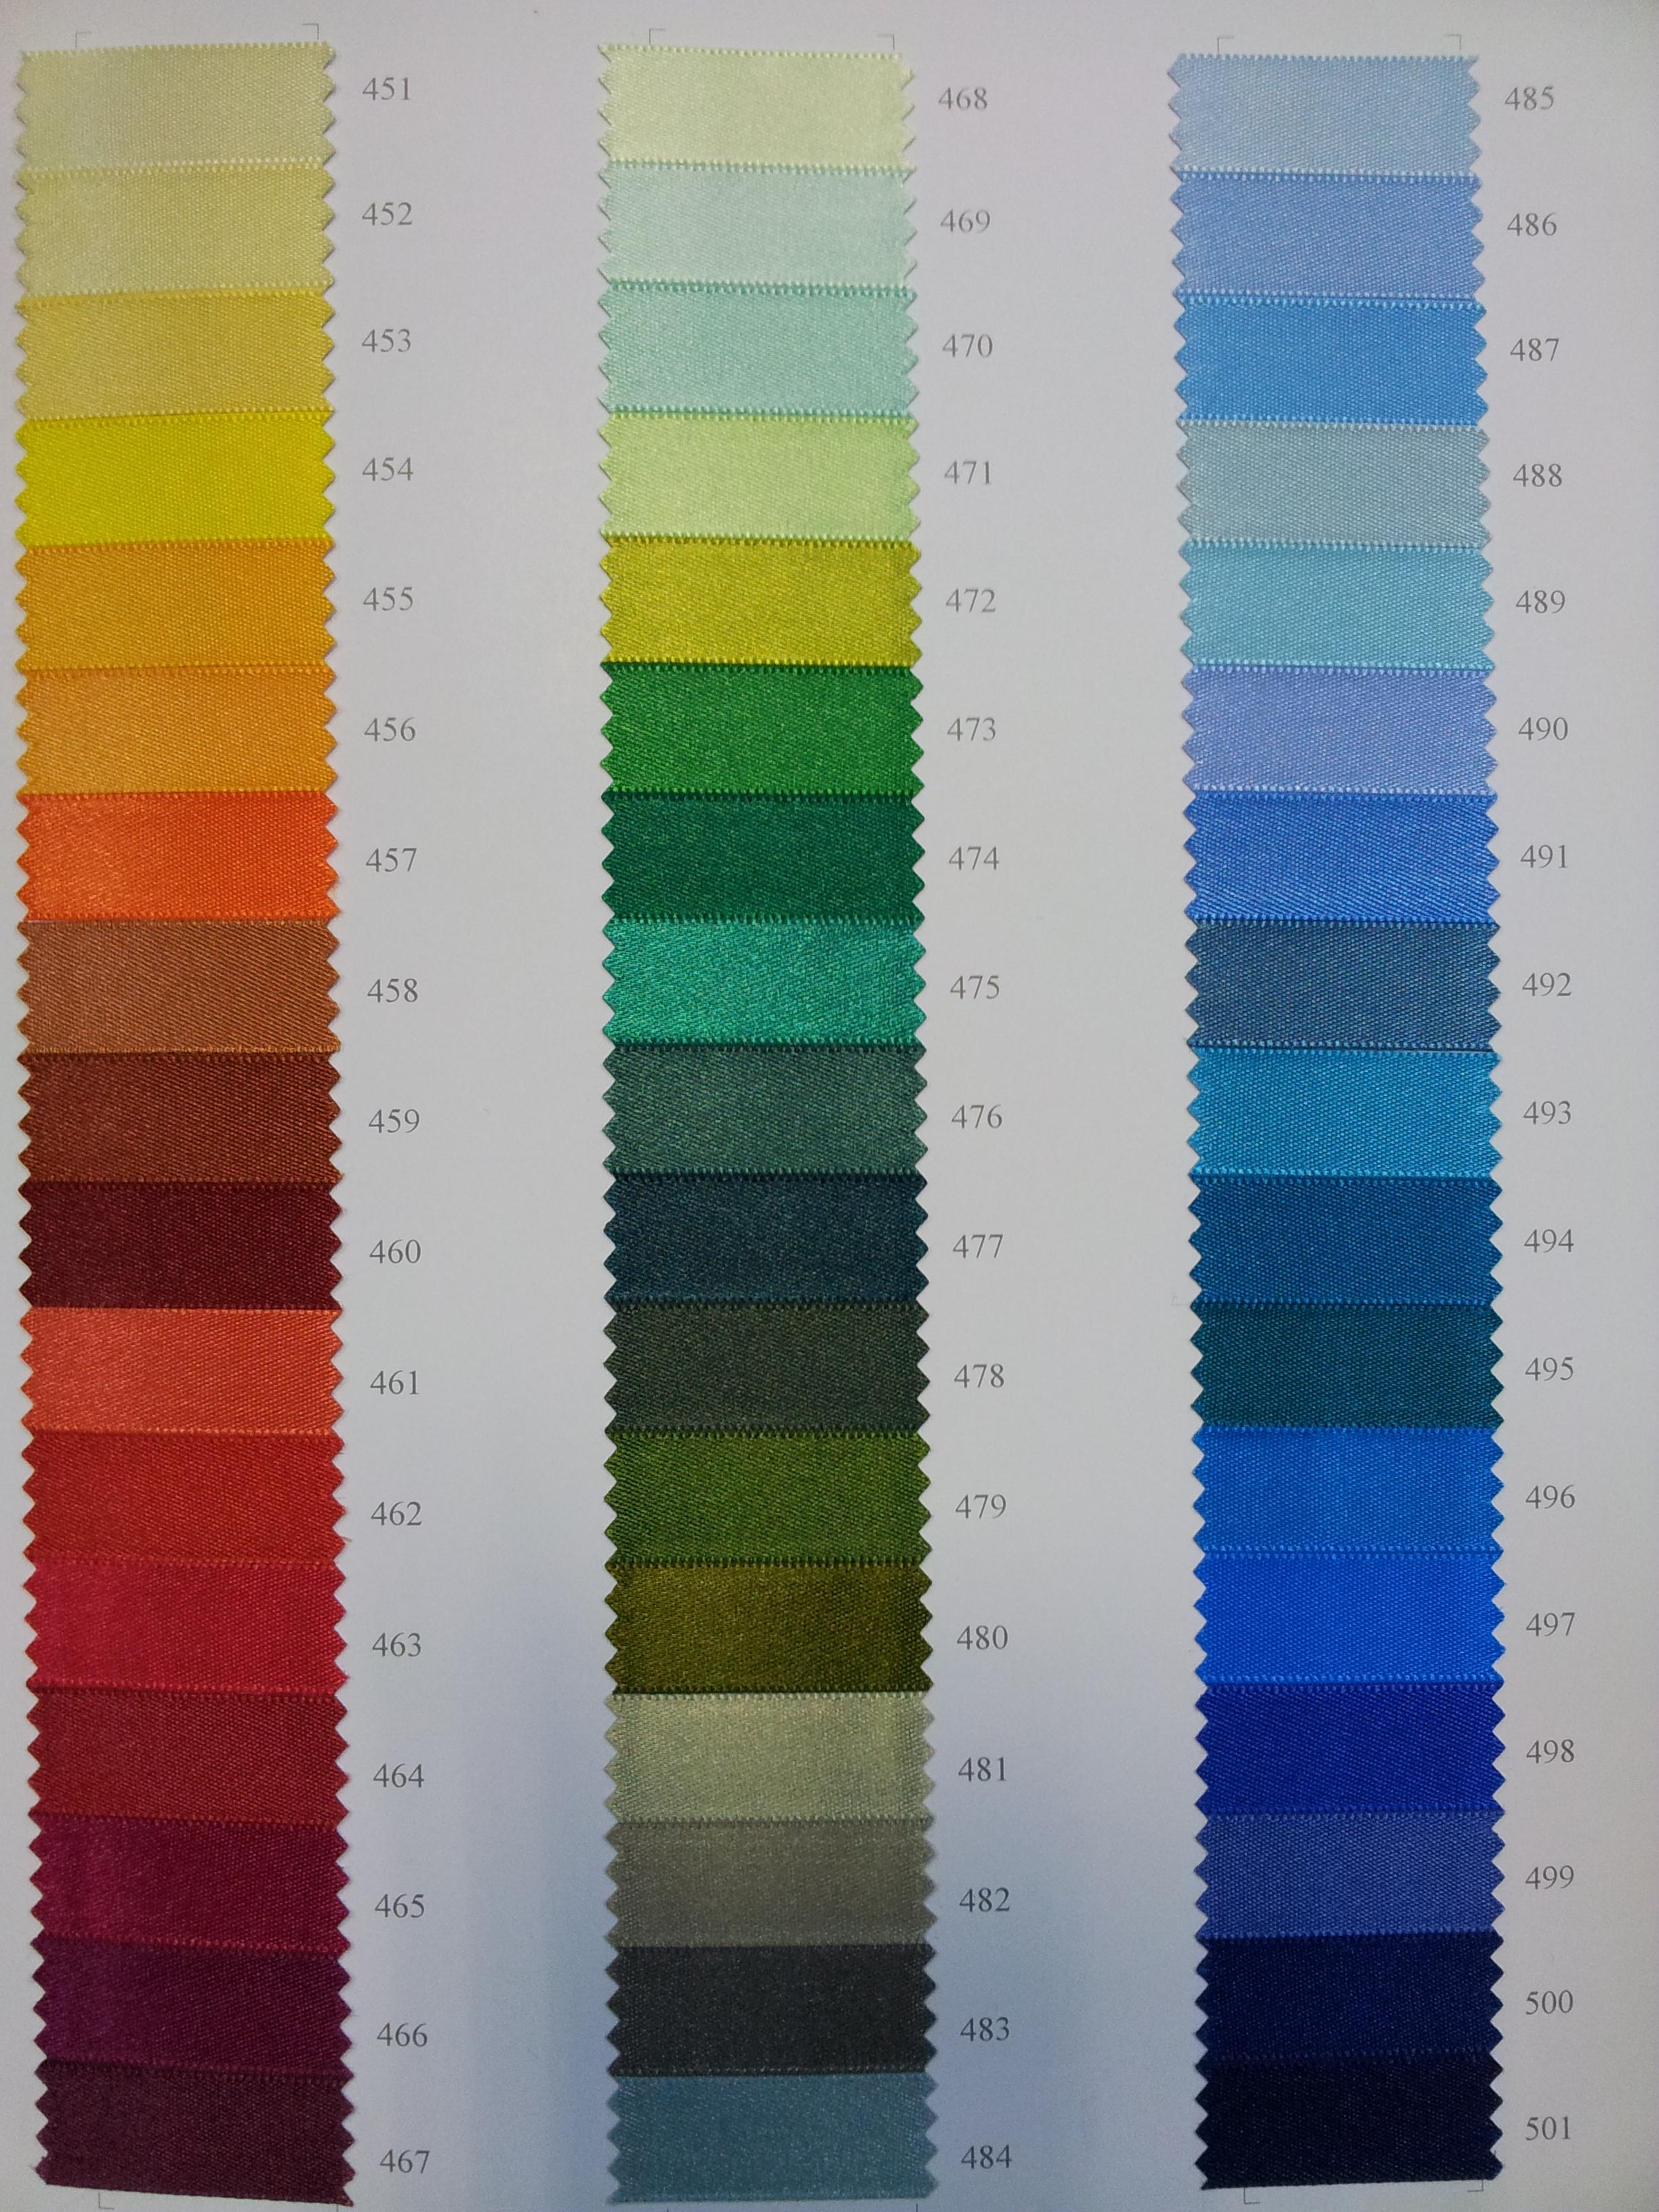 Цветовая карта 2 для двустороннего атласа.jpg